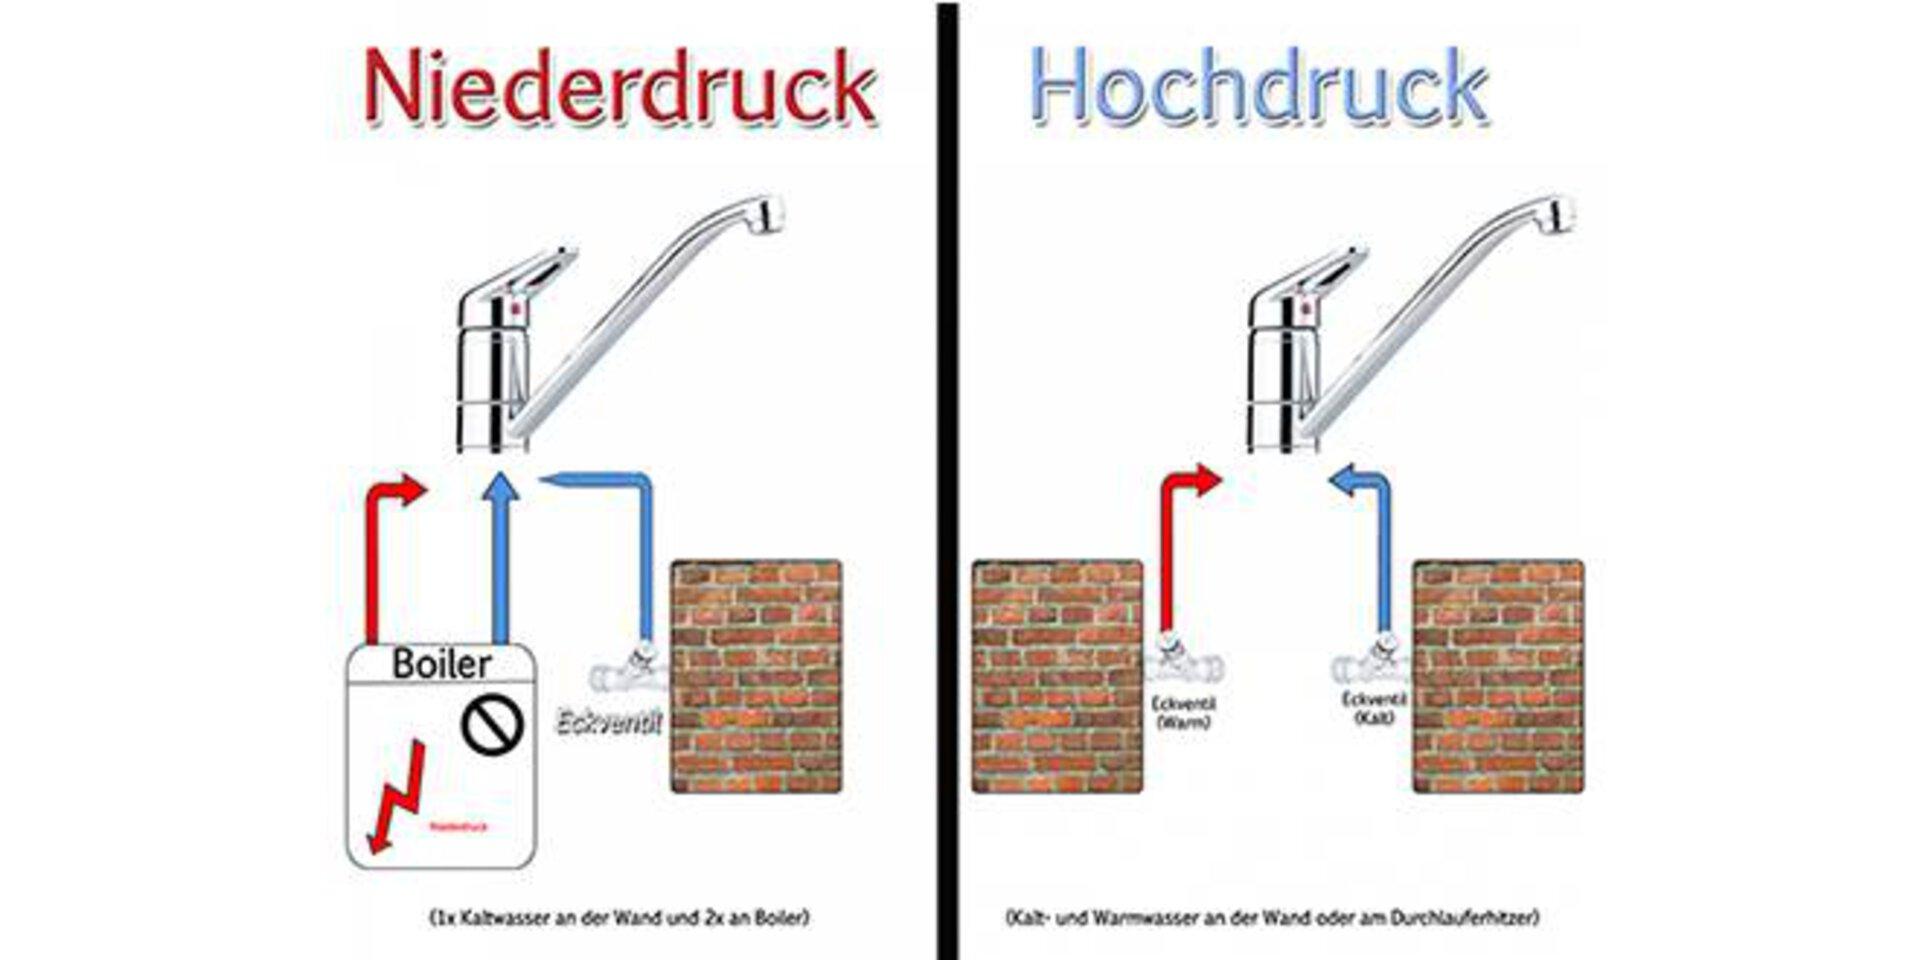 Grafischer Darstellung zu Niederdruck und Hochdruck. Gezeigt wird der Unterschied für die Anschlüsse der Küchenarmaturen.